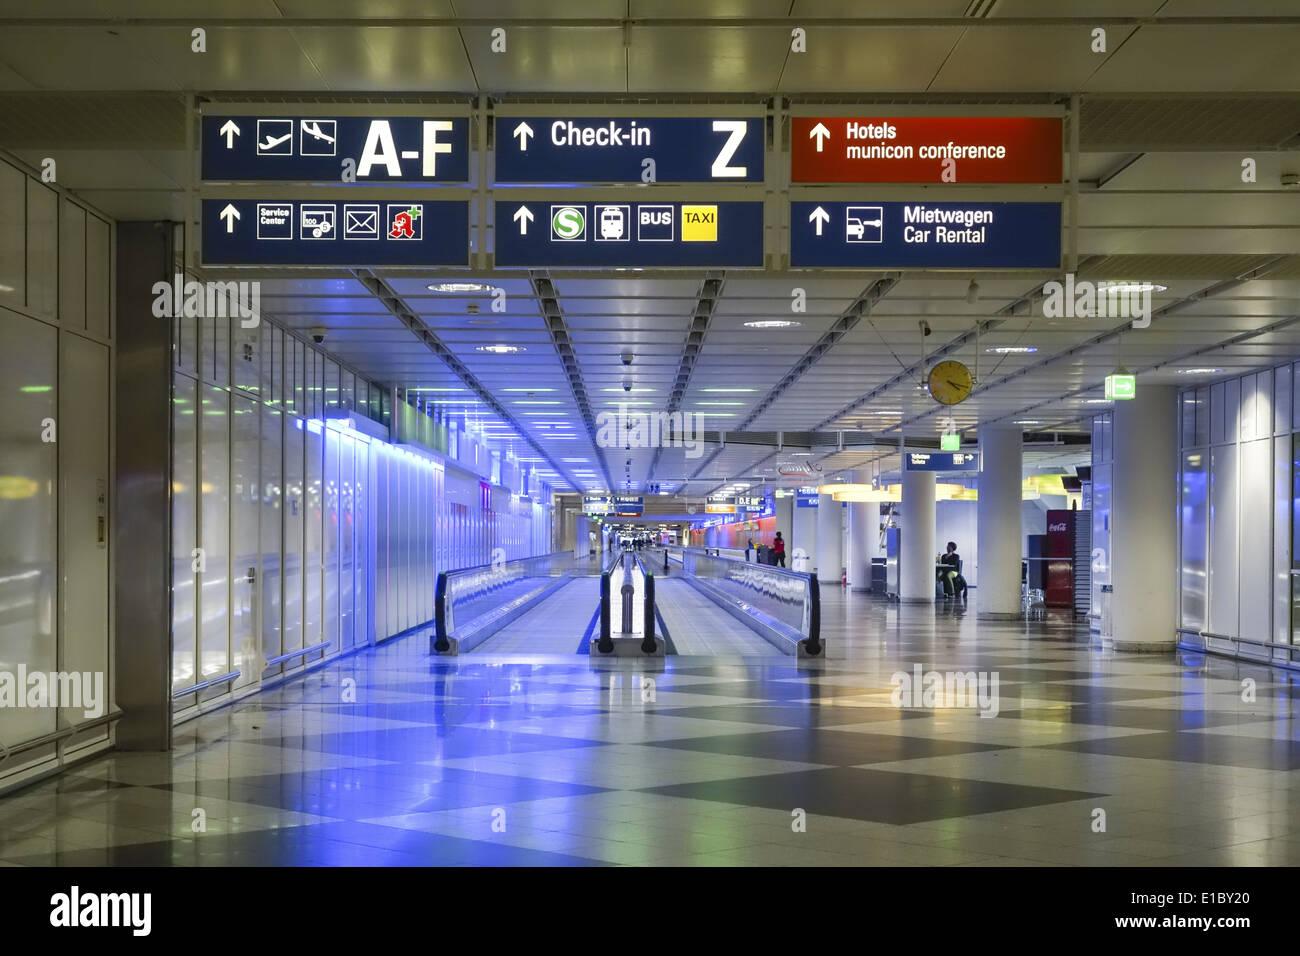 laufband am terminal 1 flughafen m nchen bayern deutschland stock photo 69718824 alamy. Black Bedroom Furniture Sets. Home Design Ideas